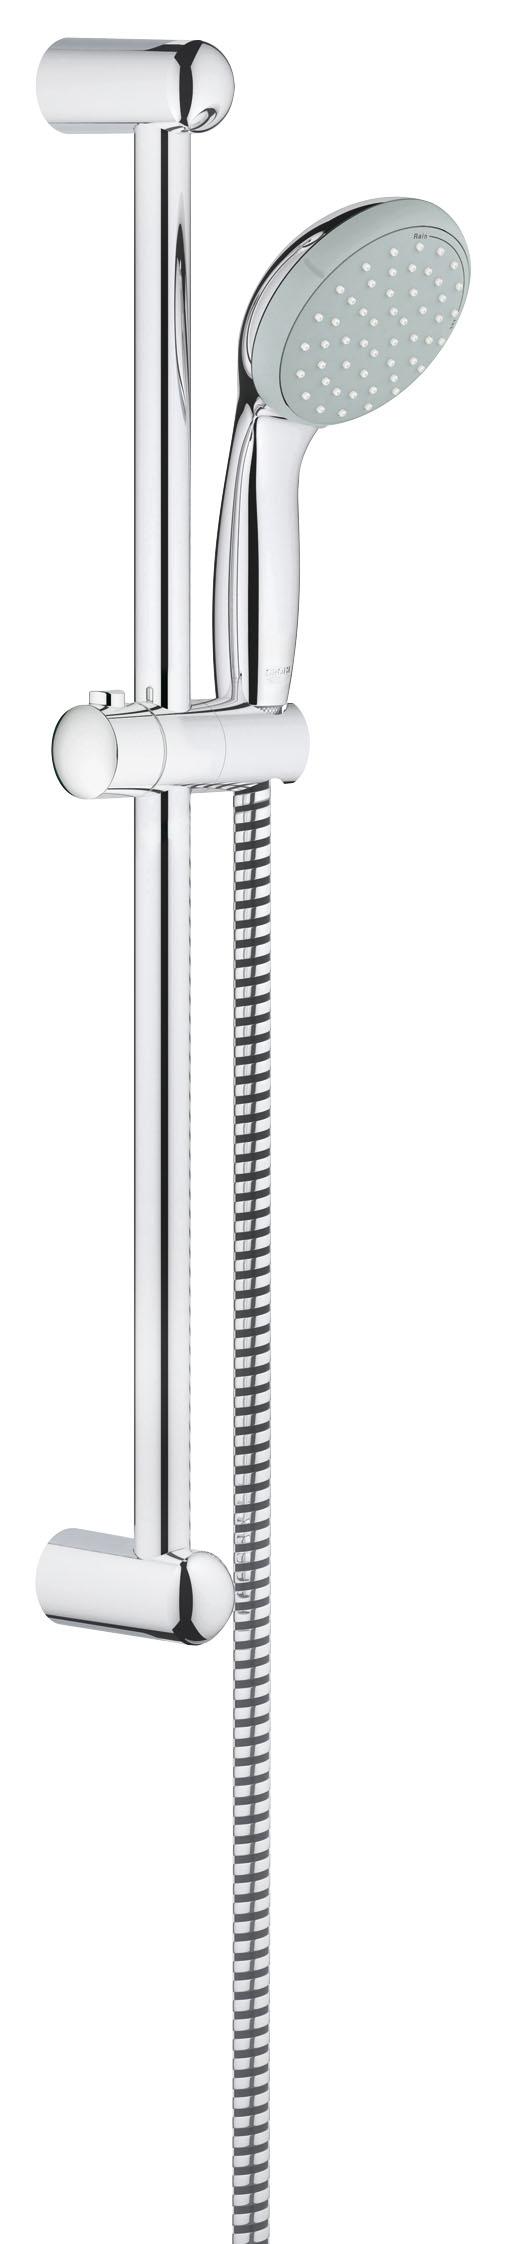 Душевой комплект GROHE Tempesta Classic II (27598000)11343GROHE New Tempesta 100: душевой гарнитур со штангой длиной 600 мм и душевой головкой диаметром 100 мм с двумя режимами струи Этот стильный гарнитур, состоящий из ручного душа серии GROHE New Tempesta, душевой штанги и душевого шланга, станет идеальным выбором для модернизации Вашей ванной комнаты. Благодаря сияющему хромированному покрытию GROHE StarLight и таким практичным особенностям, как силиконовое кольцо ShockProof для защиты ручного душа от повреждений при падении, данный гарнитур воплощает собой великолепное сочетание дизайна и функциональности. Форсунки душевой головки изготовлены по технологии SpeedClean и легко очищаются от известкового налета легким протиранием. Это позволит Вам тратить меньше времени на уборку, а больше – на то, чтобы наслаждаться расслабляющим душем в стиле спа с двумя режимами струи – расслабляющим Rain, напоминающим теплый летний дождь, или интенсивным Jet, помогающим взбодриться. И в том, и в другом режиме технология GROHE DreamSpray обеспечивает равномерность потока воды.Особенности:Включает в себя: Ручной душ (27 597 000) Душевая штанга, 600 мм (27 523 000) Душевой шланг Relexaflex 1750 мм 1/2? x 1/2? (28 154 000) GROHE DreamSpray превосходный поток воды GROHE StarLight хромированная поверхностьС системой SpeedClean против известковых отложений Внутренний охлаждающий канал для продолжительного срока службы ShockProof силиконовое кольцо, предотвращающееПовреждение поверхности при падении ручного душа Может использоваться с проточным водонагревателемВидео по установке является исключительно информационным. Установка должна проводиться профессионалами! Характеристики: Материал: ABS-пластик, металл. Высота штанги: 60 см. Длина шланга: 175 см. Размер упаковки: 68 см х 15 см х 7,5 см. Артикул: 27598000.